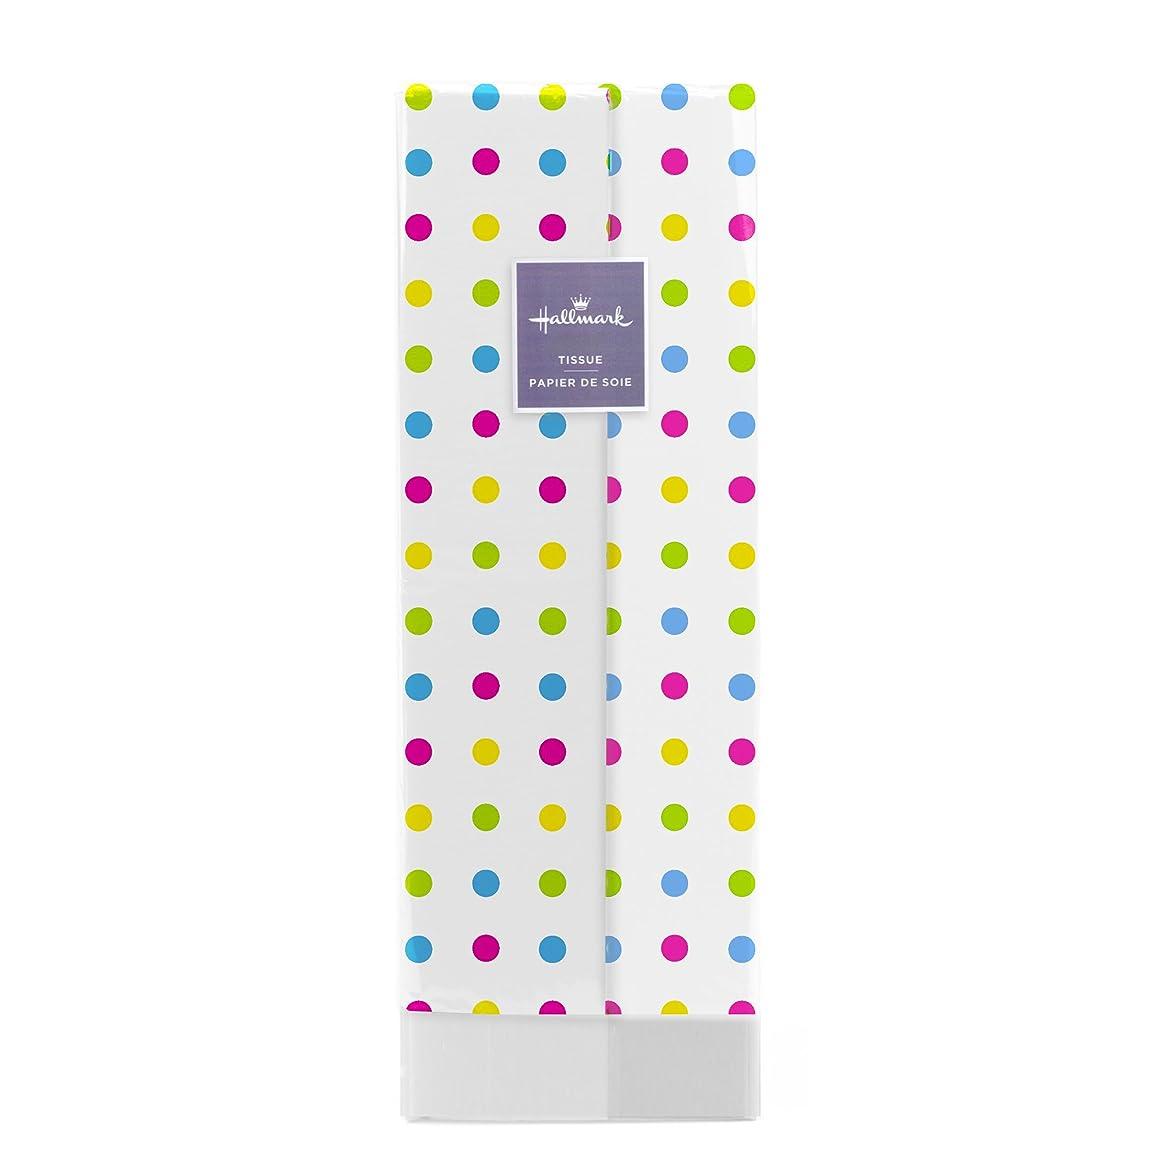 Hallmark Tissue Paper (Multicolored Dots, 8 Sheets)